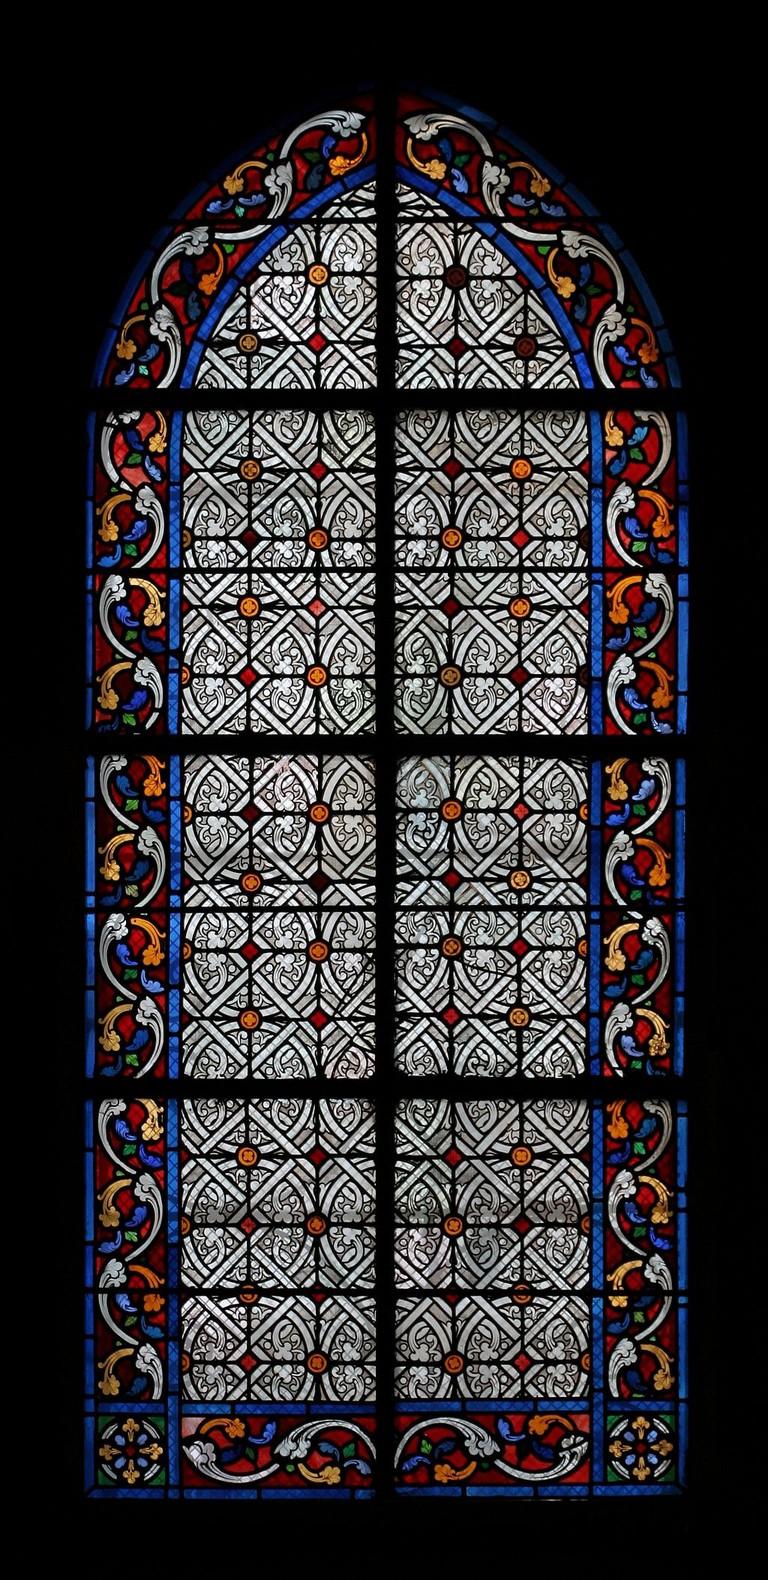 1024px-Église_Saint-Jean-Baptiste_de_Belleville_-_vitrail_d'une_chapelle